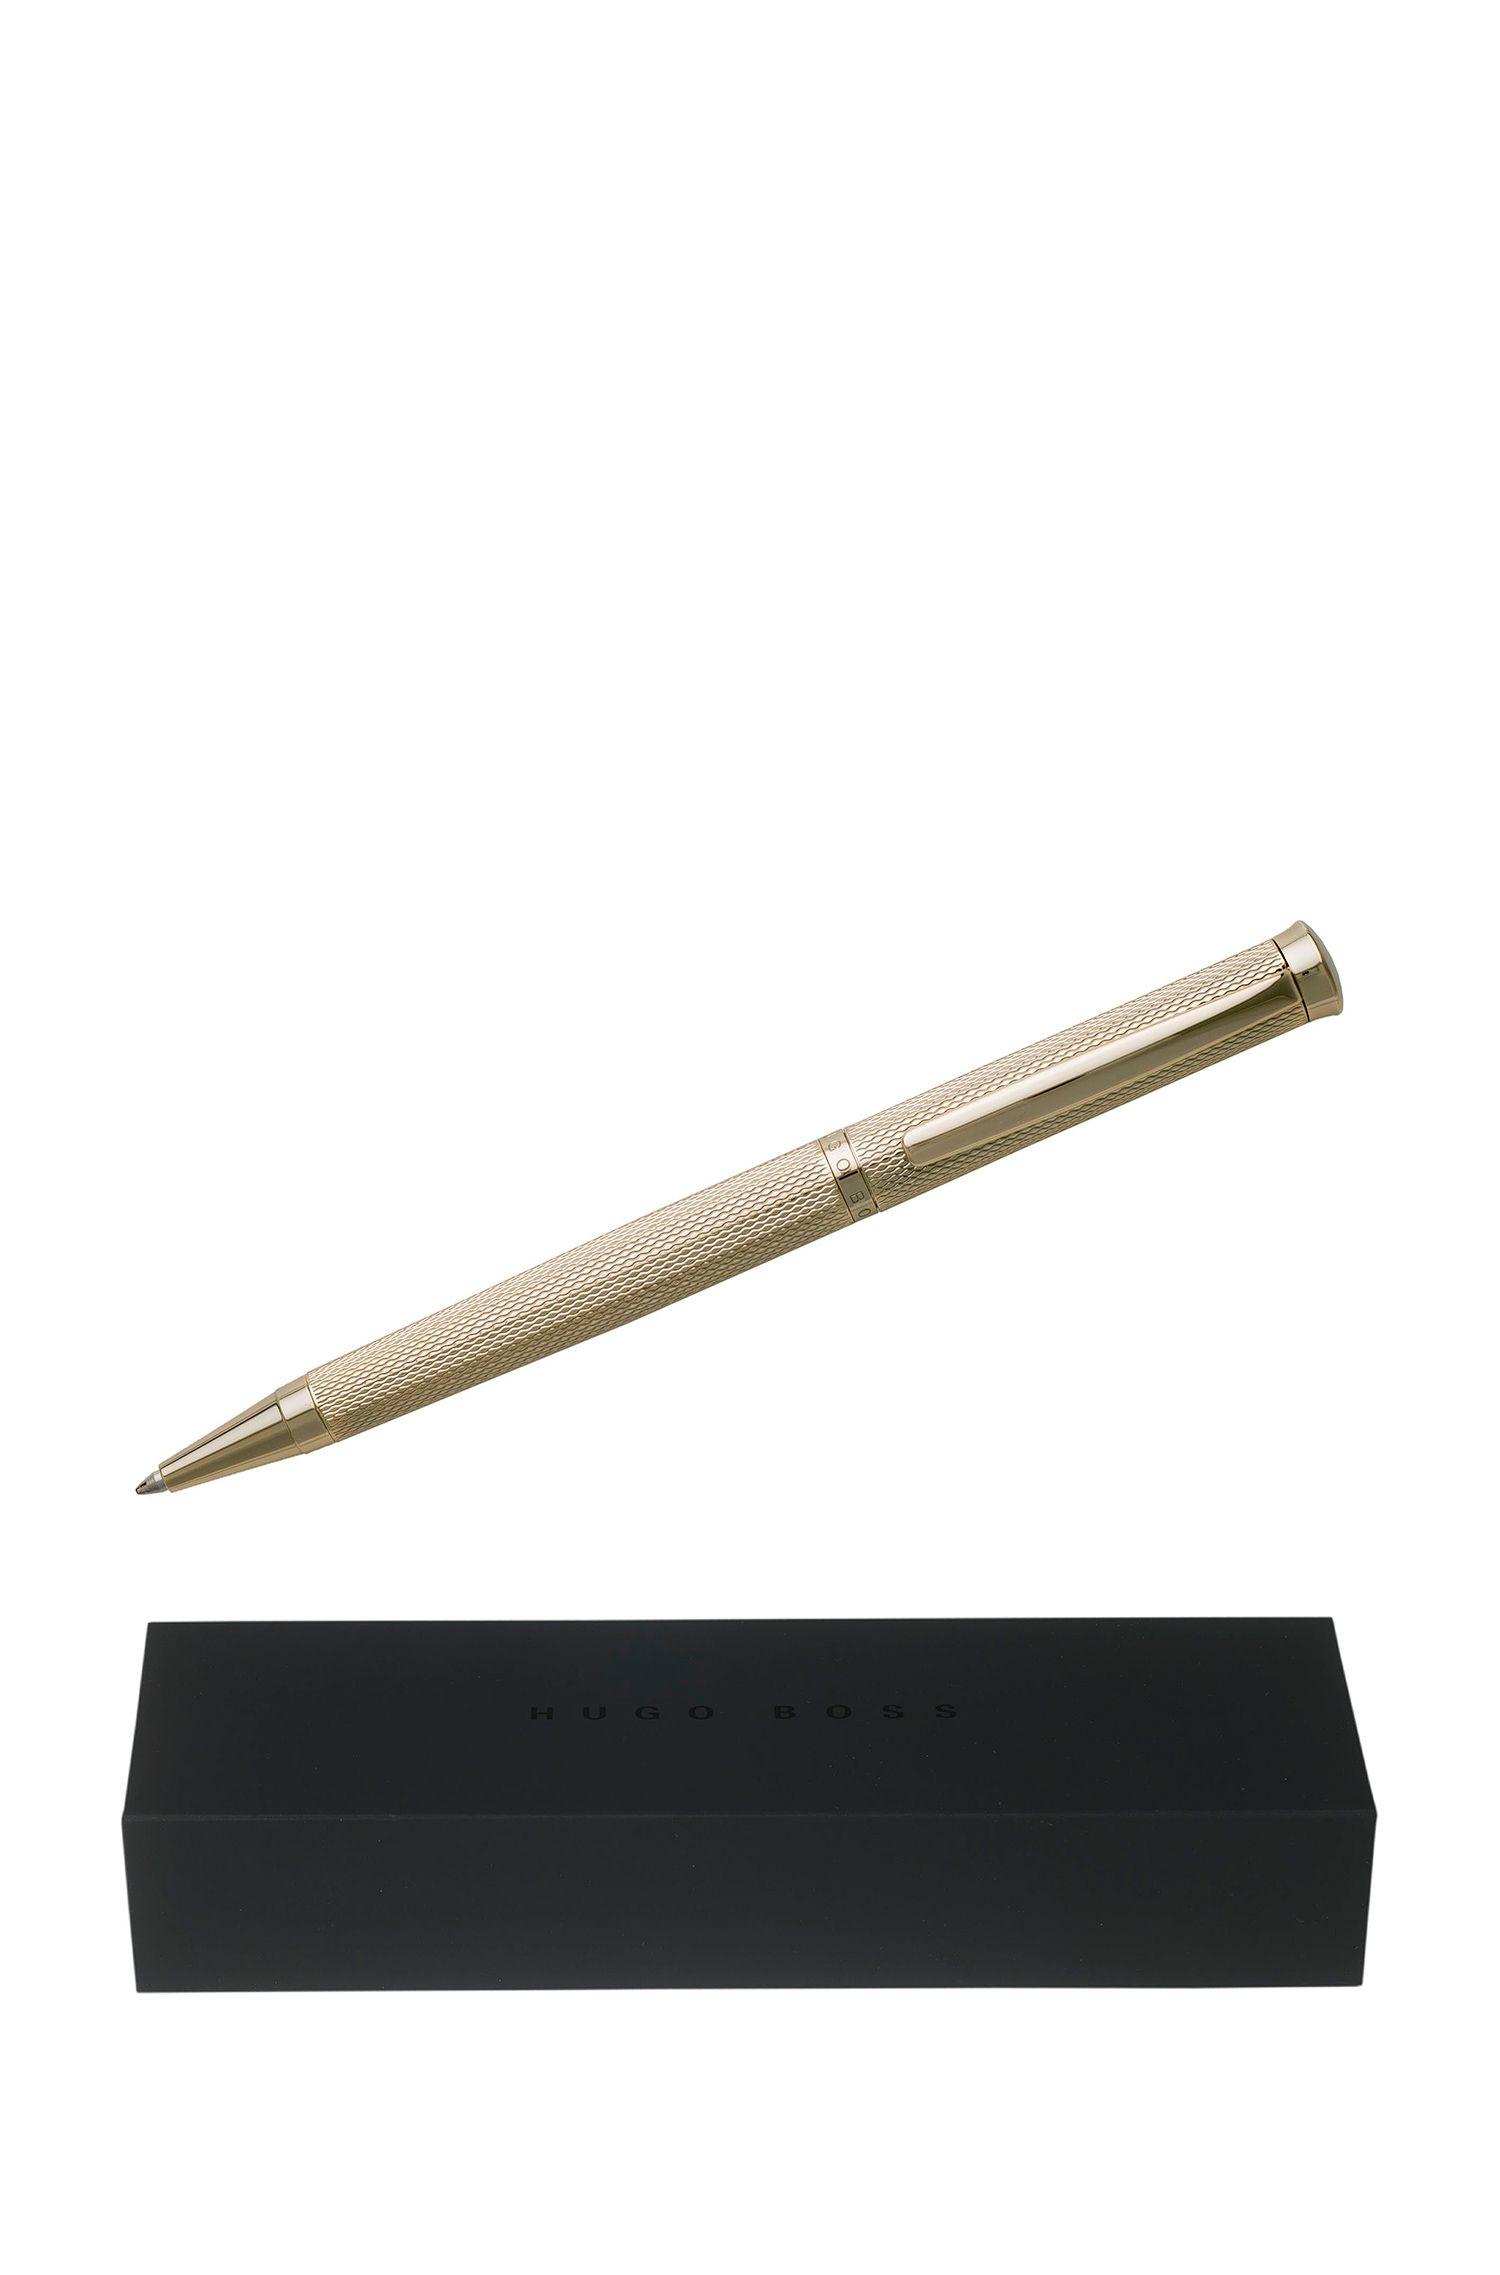 Kugelschreiber aus strukturiertem Messing mit goldfarbener Beschichtung